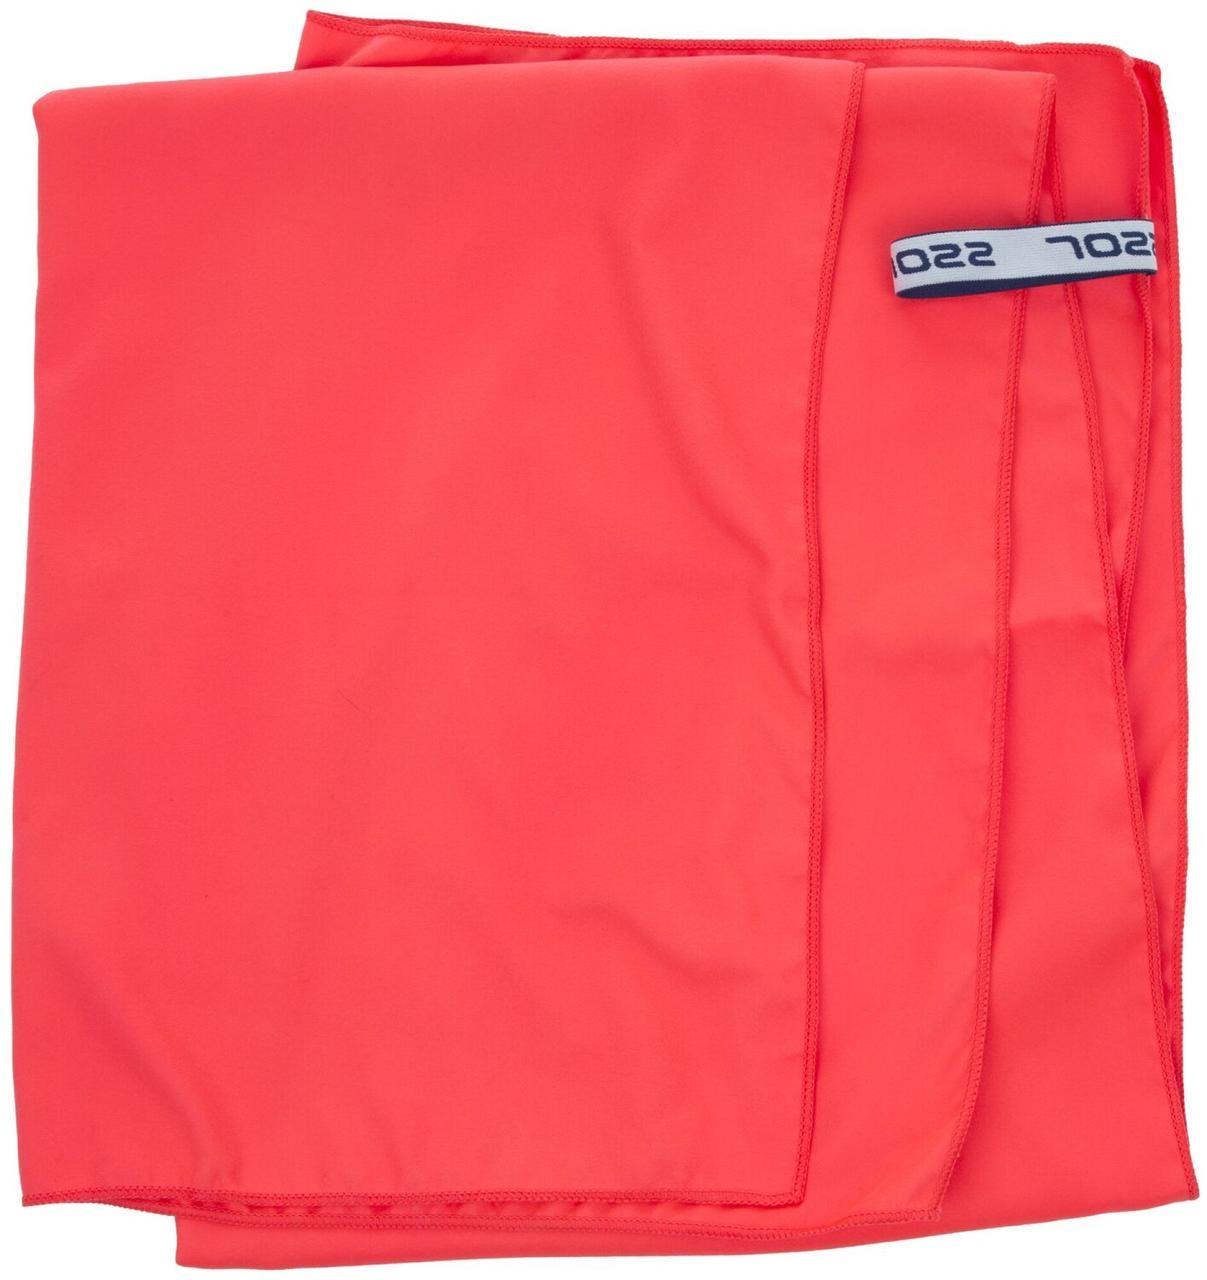 Полотенце абсорбирующее Joss Absorption Towel, пионовый